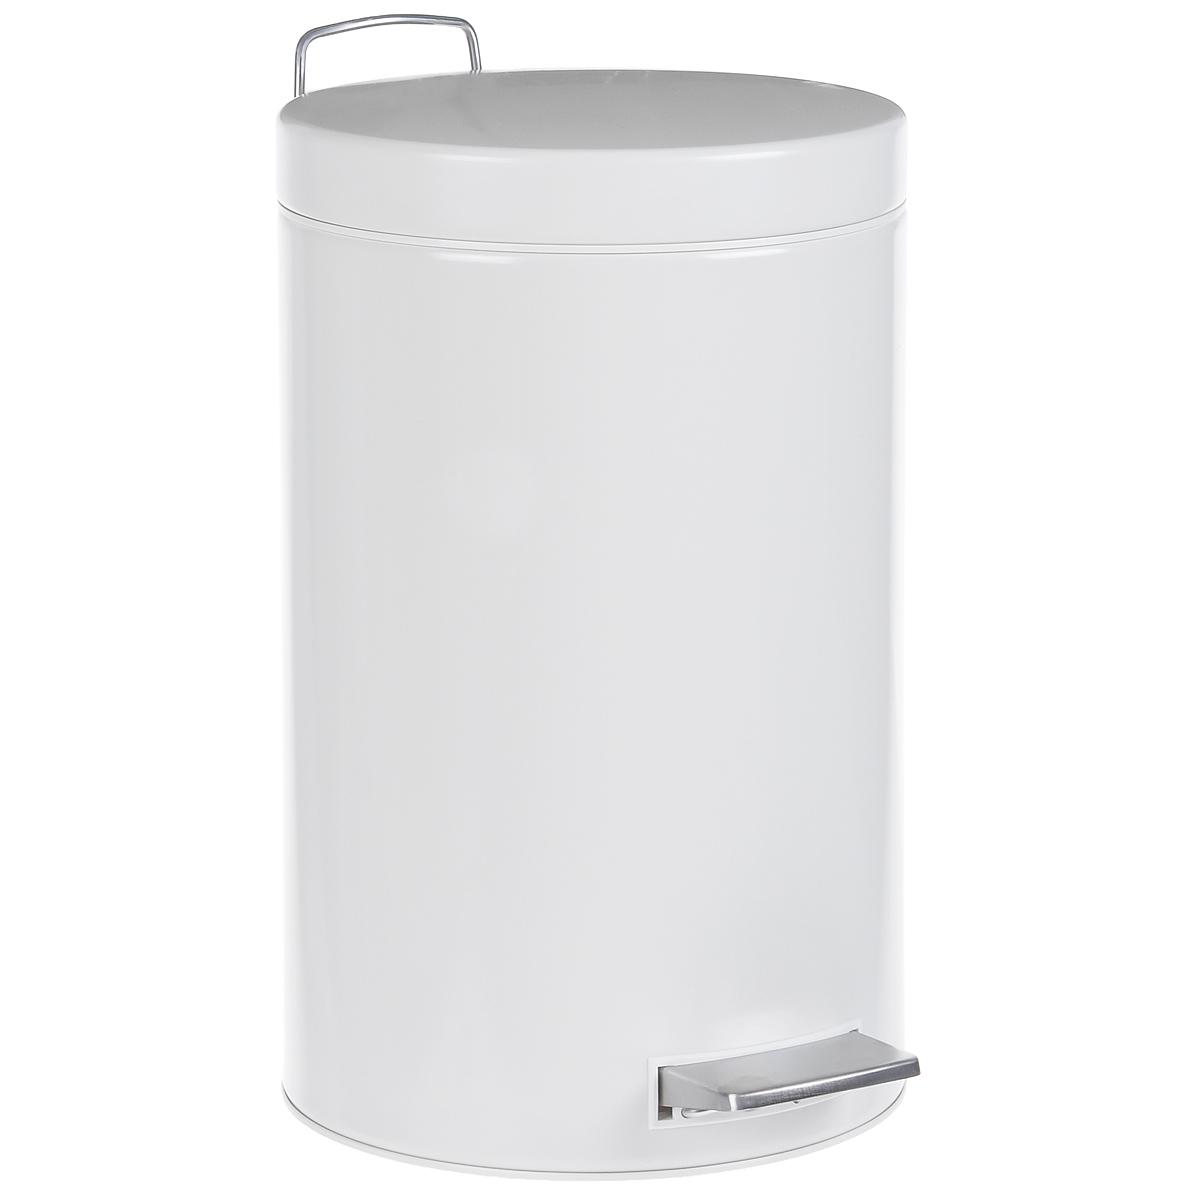 Ведро для мусора Brabantia, с педалью, цвет: белый, 12 л. 214660214660Ведро для мусора Brabantia, выполненное из стали, обеспечит долгий срок службы и легкую чистку. Ведро оснащено педалью из нержавеющей стали, с помощью которой можно открывать крышку. Пластиковая основа ведра предотвращает повреждение пола. Резиновые ножки препятствуют скольжению. Внутренняя часть - пластиковое ведерко с металлической ручкой, которое легко можно вынуть. В комплект входят пакеты для ведра. Ведро Brabantia поможет вам держать мусор в порядке и предотвратит распространение неприятного запаха. Диаметр ведра: 24 см. Высота ведра: 39,5 см. Объем: 12 л.